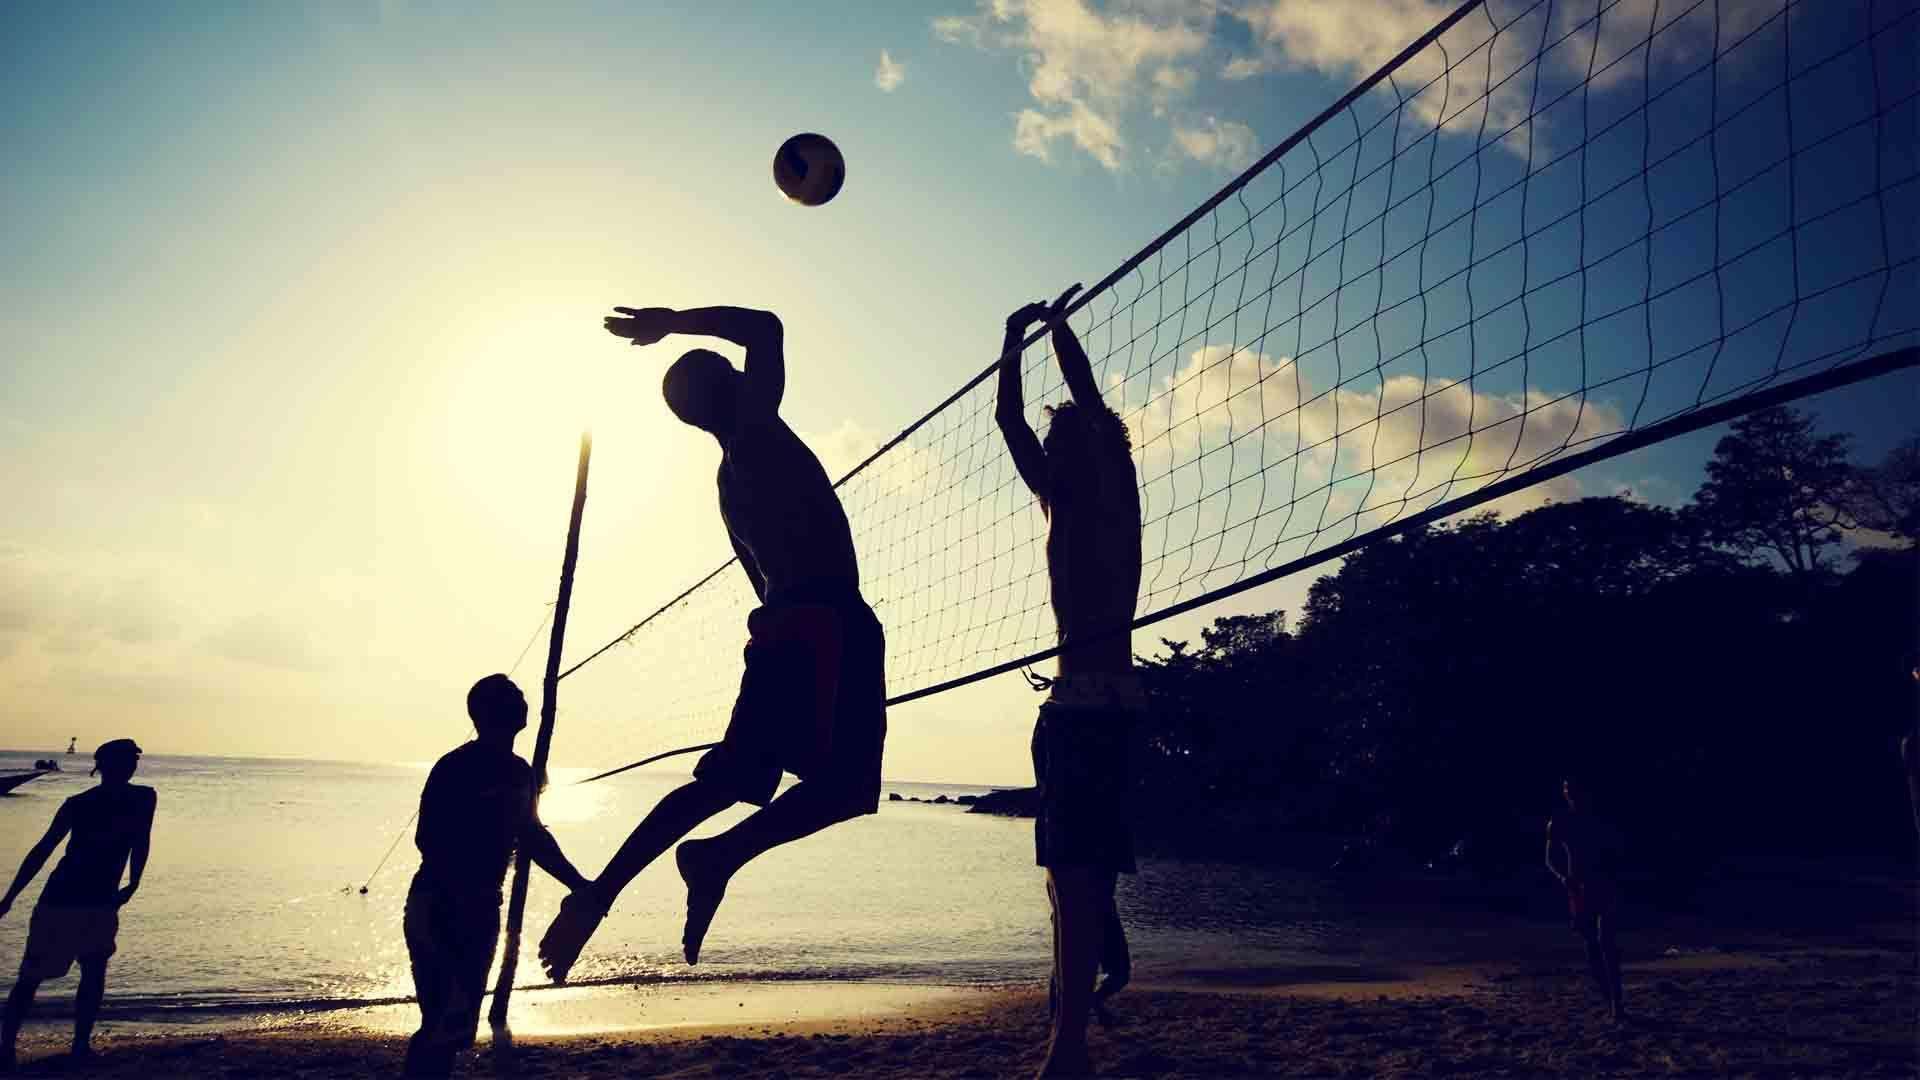 beach-volley-luc-sur-mer.jpg